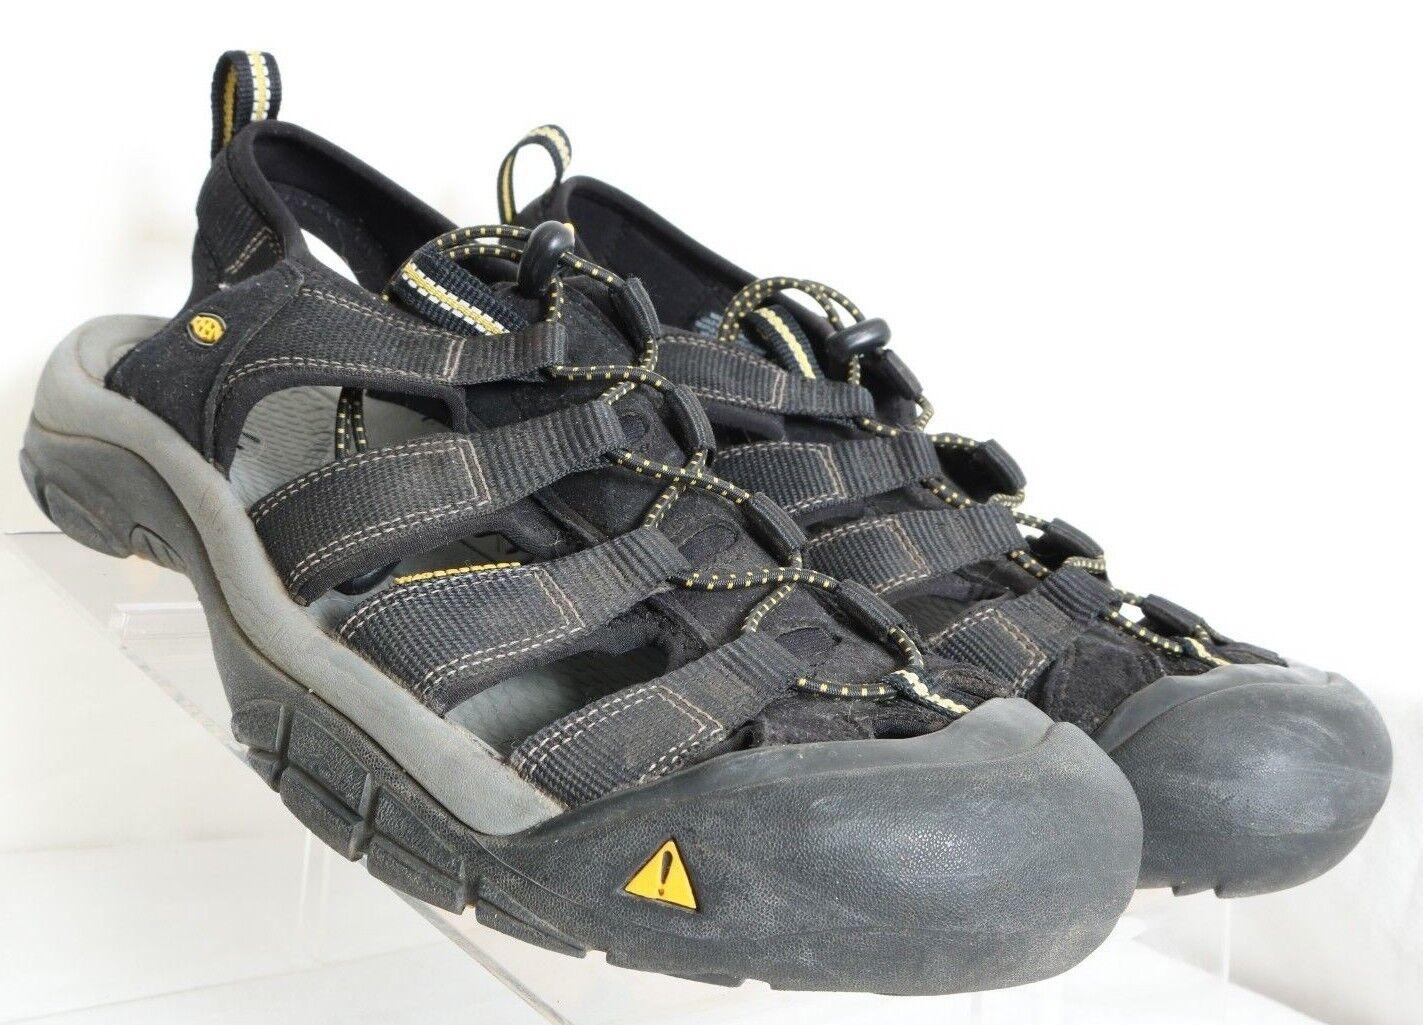 Keen Sarasota Brown Waterproof Bungee Sport Sandals 010116 Women's US 10